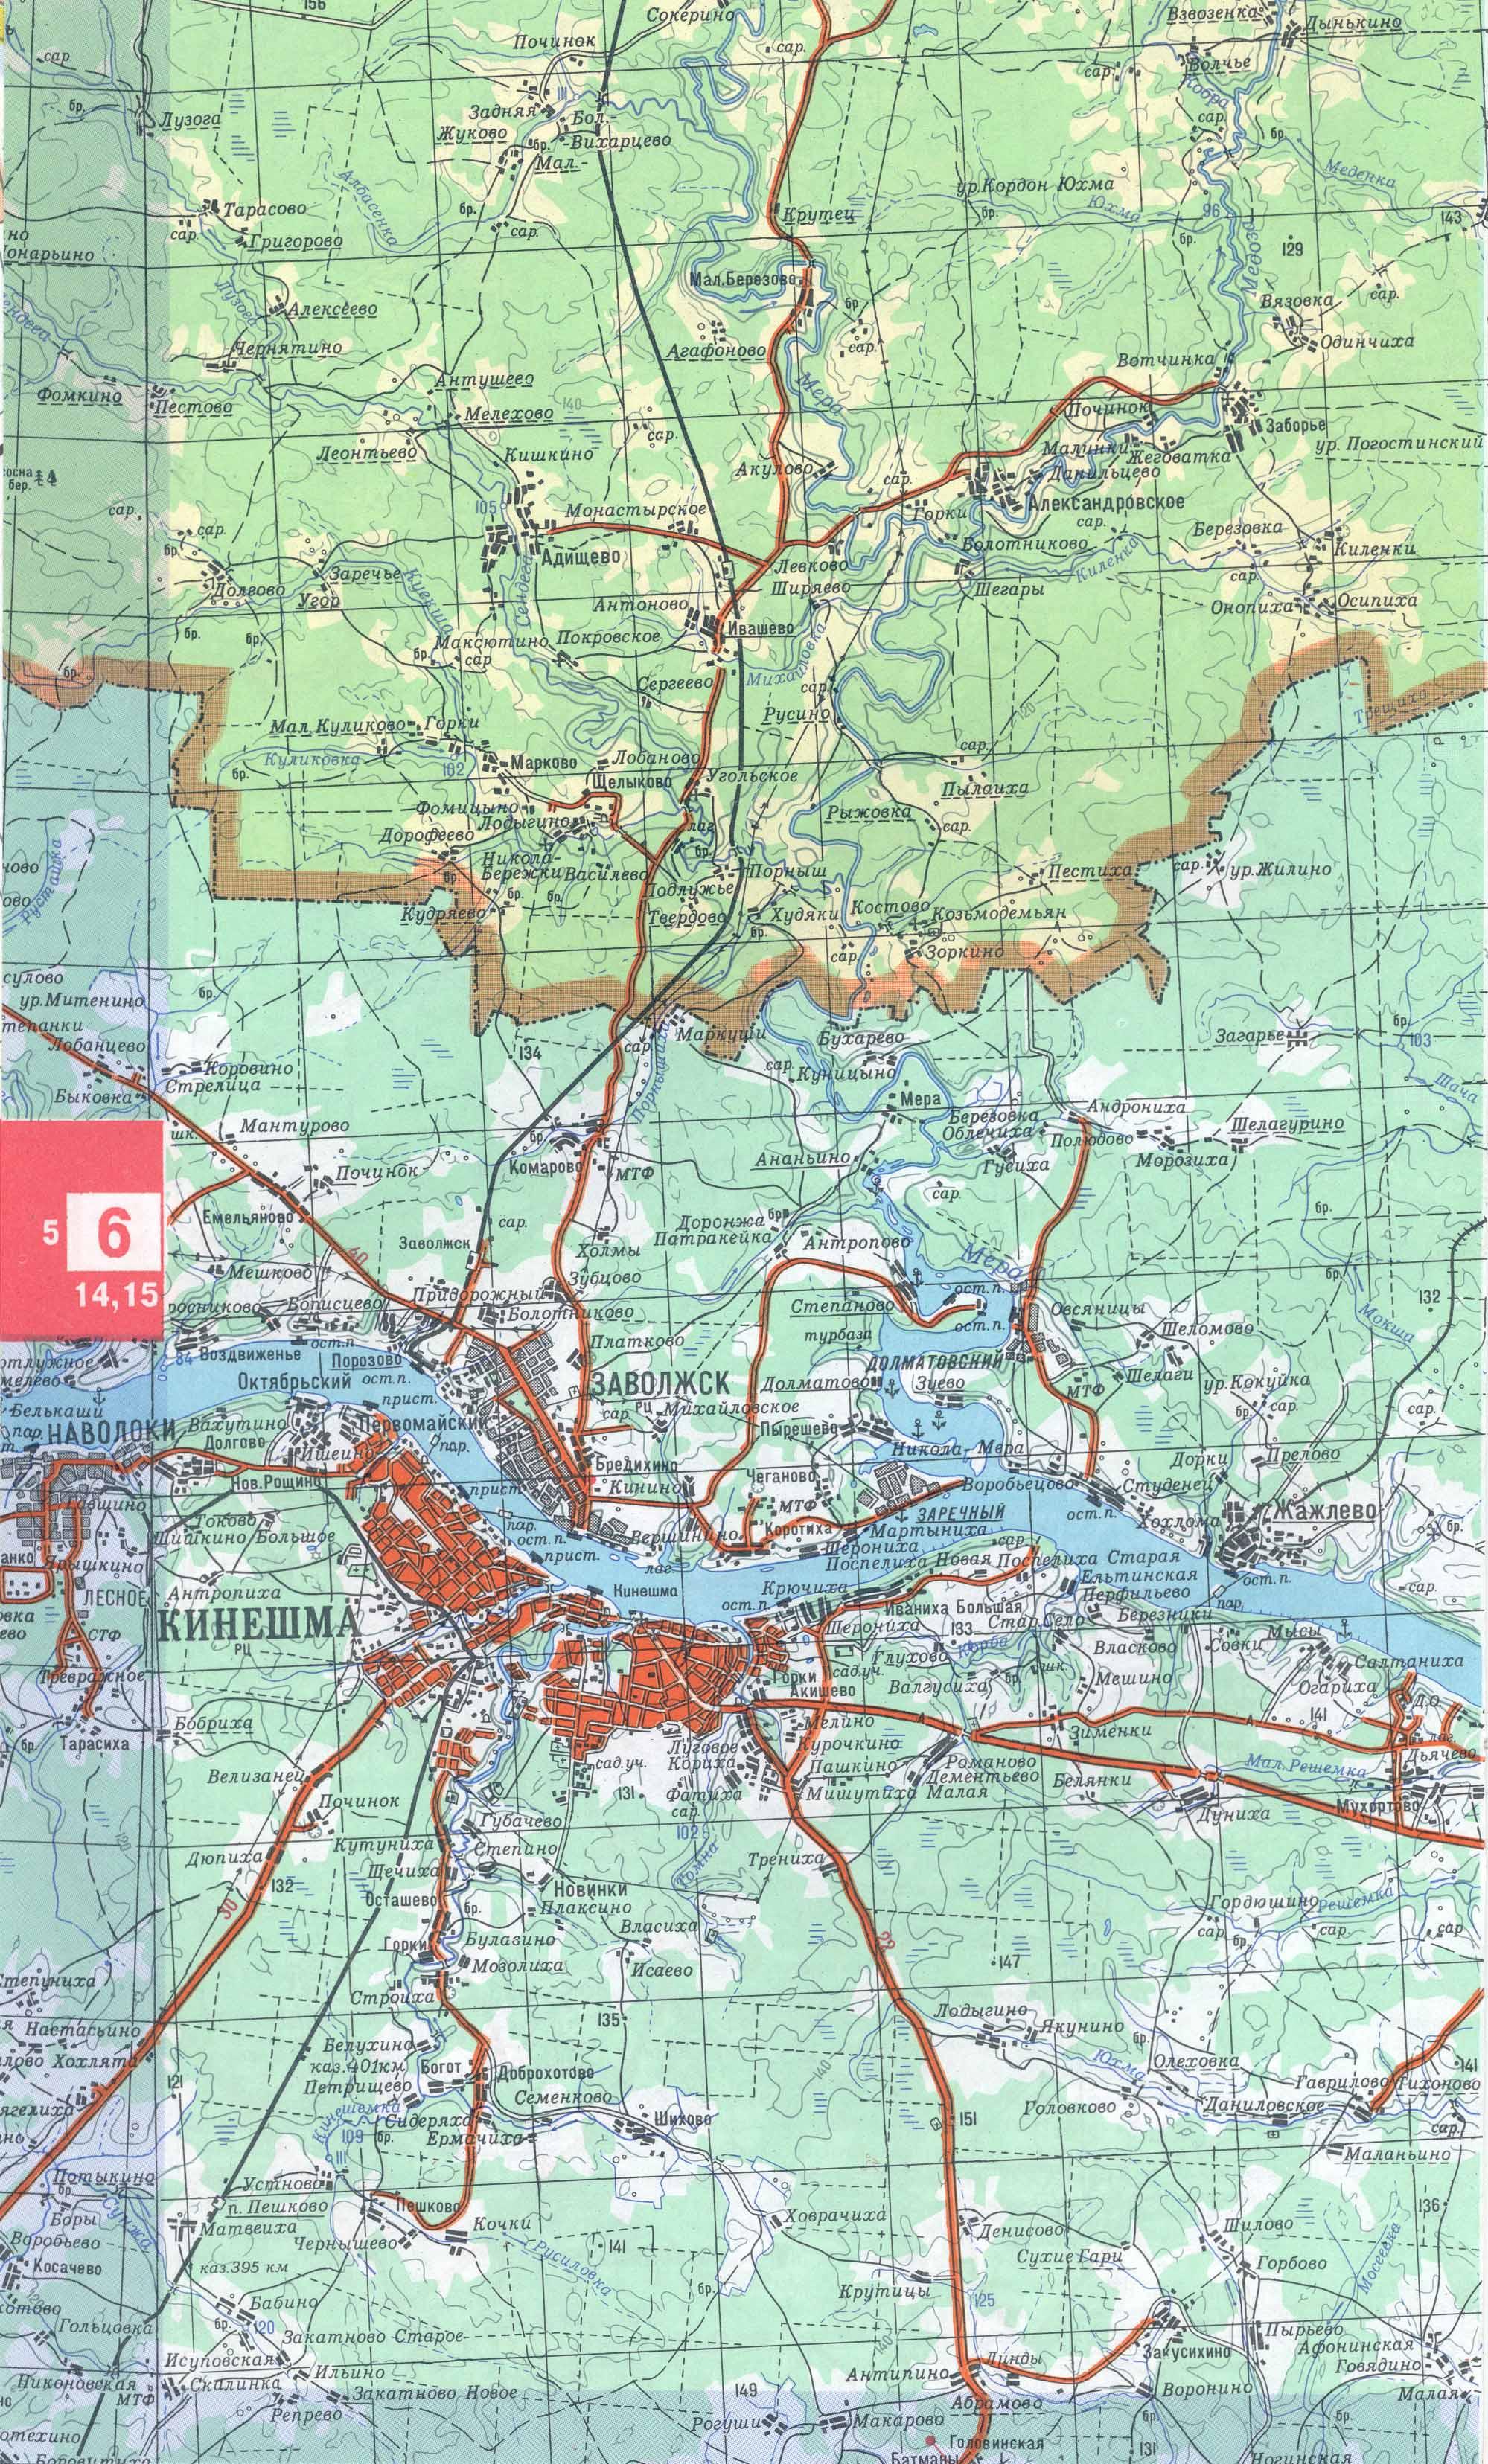 Топографическая карта - карты и атласы -Ивановская область - 6